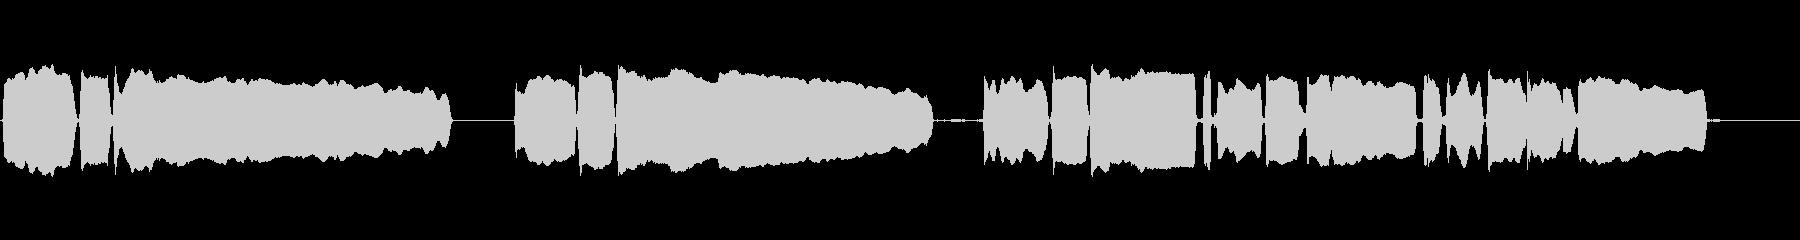 トランペット:ラストポスト、ミュー...の未再生の波形